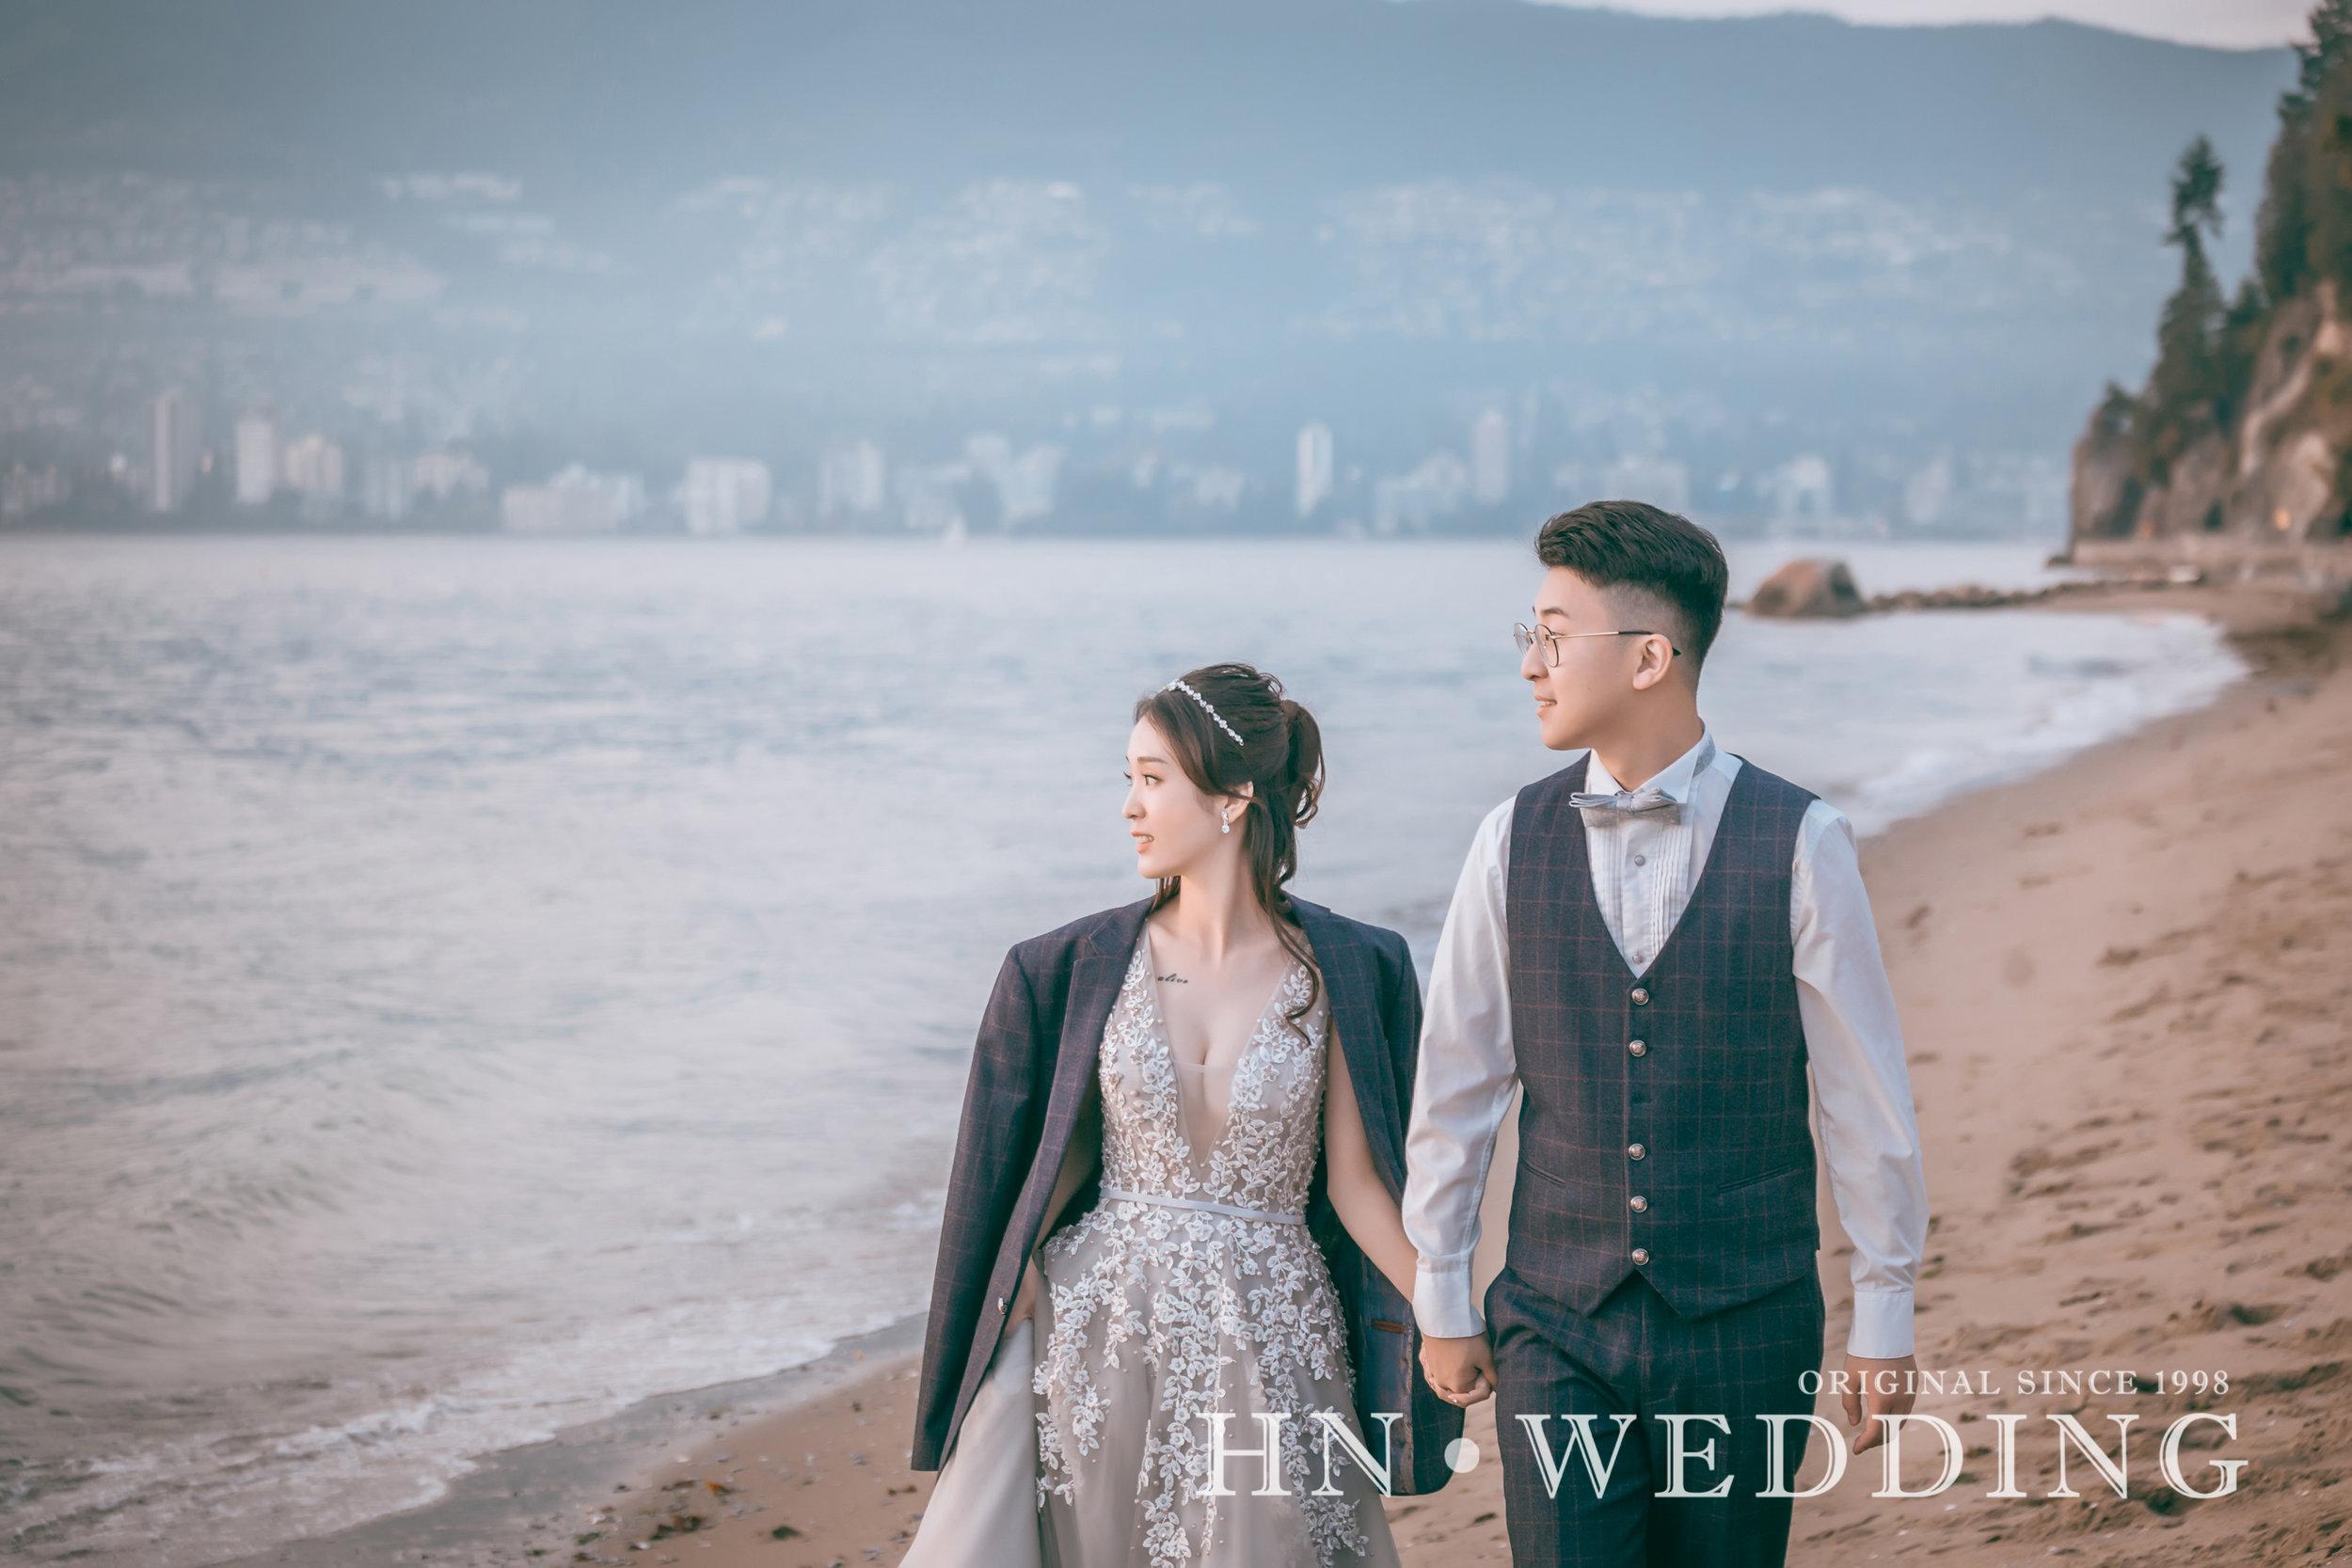 hnweddingprewedding0905--23.jpg